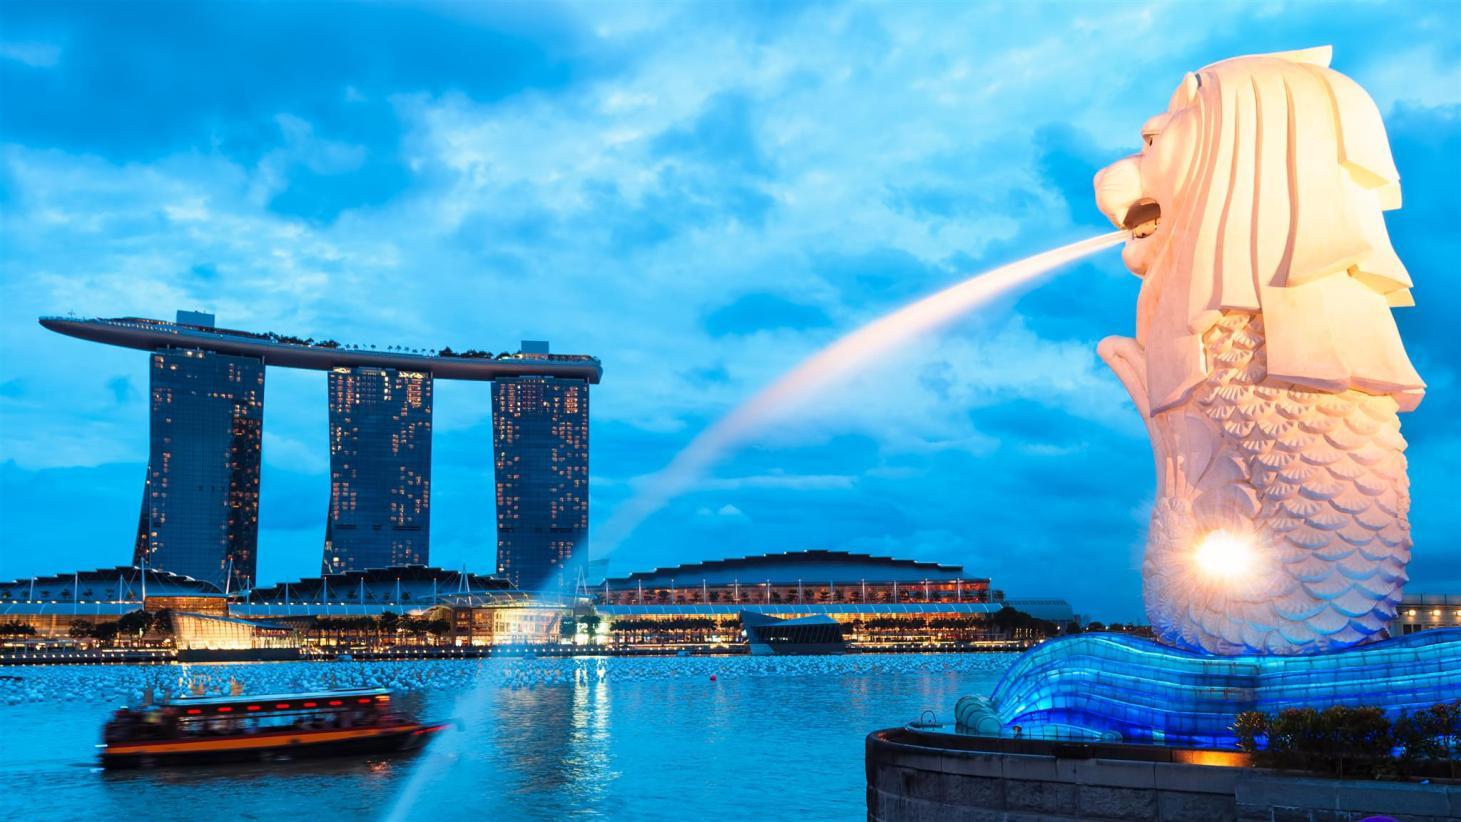 Khách sạn Singapore, Singapore: Giá rẻ, nhiều ưu đãi